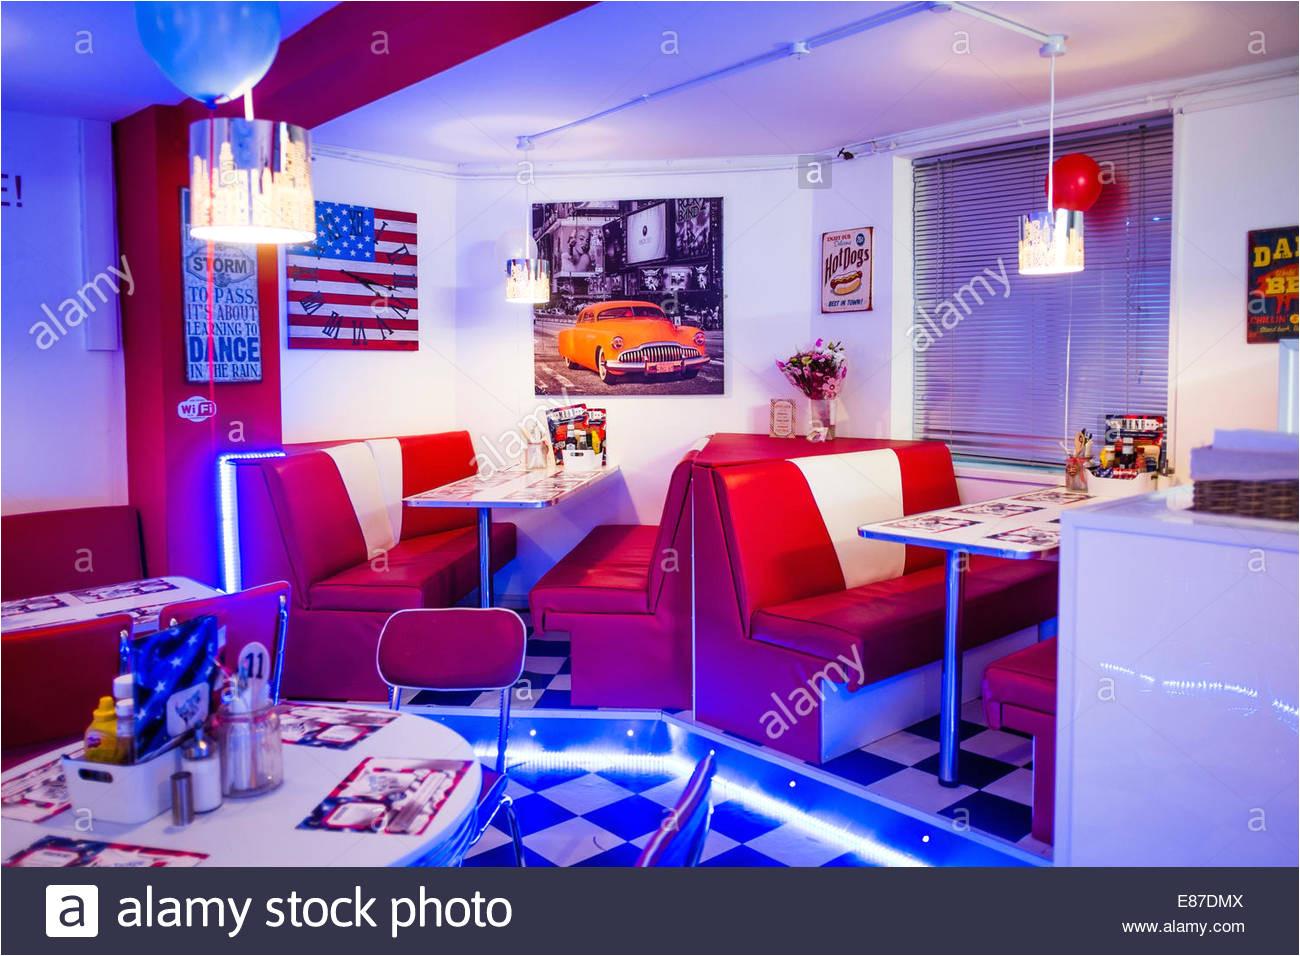 interieur aberyankee american diner stil eingerichtete cafe restaurant aberystwyth uk stockbild